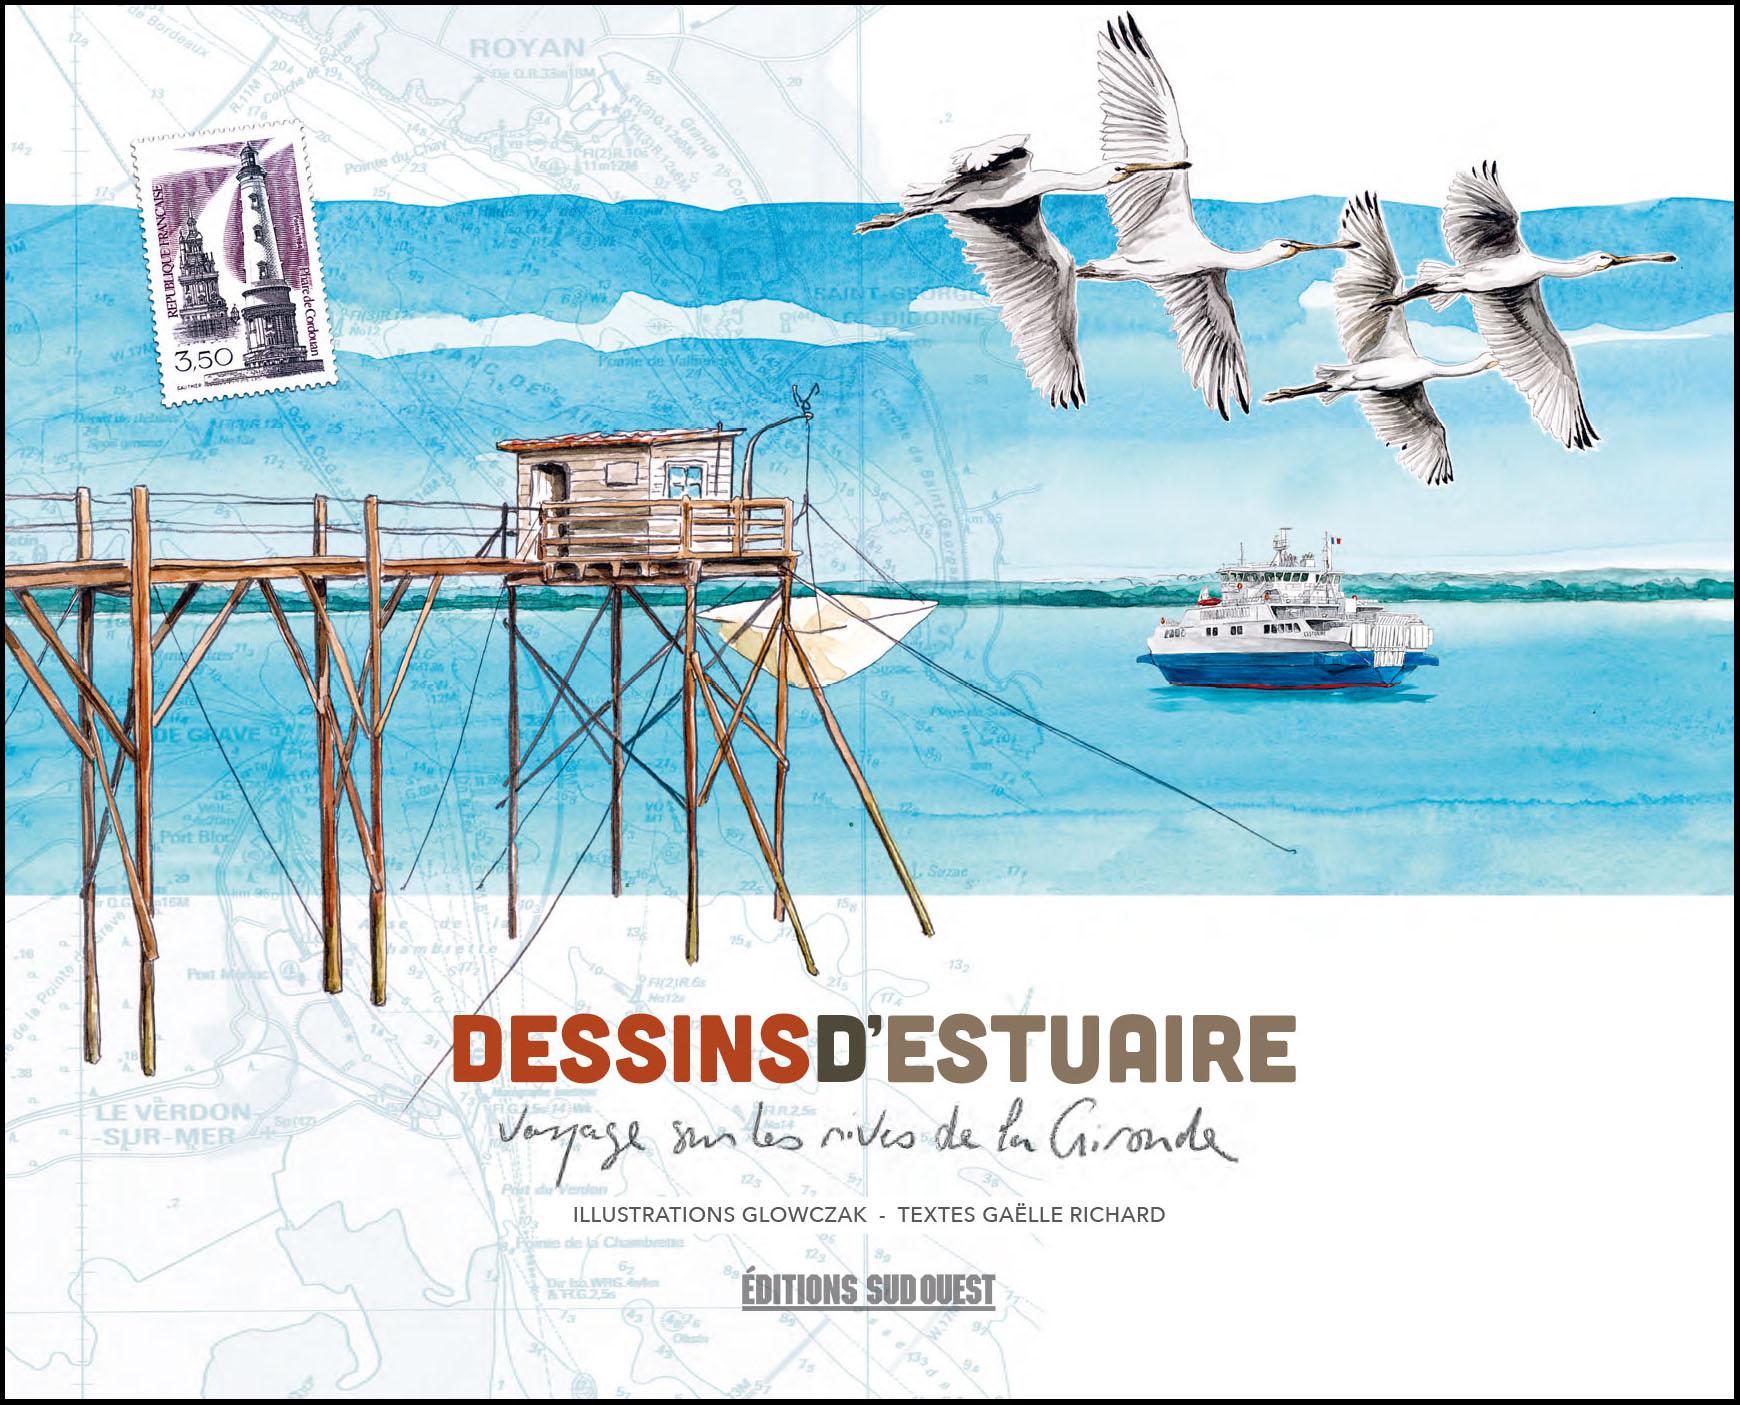 Dessins D Estuaire Editions Sud Ouesteditions Sud Ouest